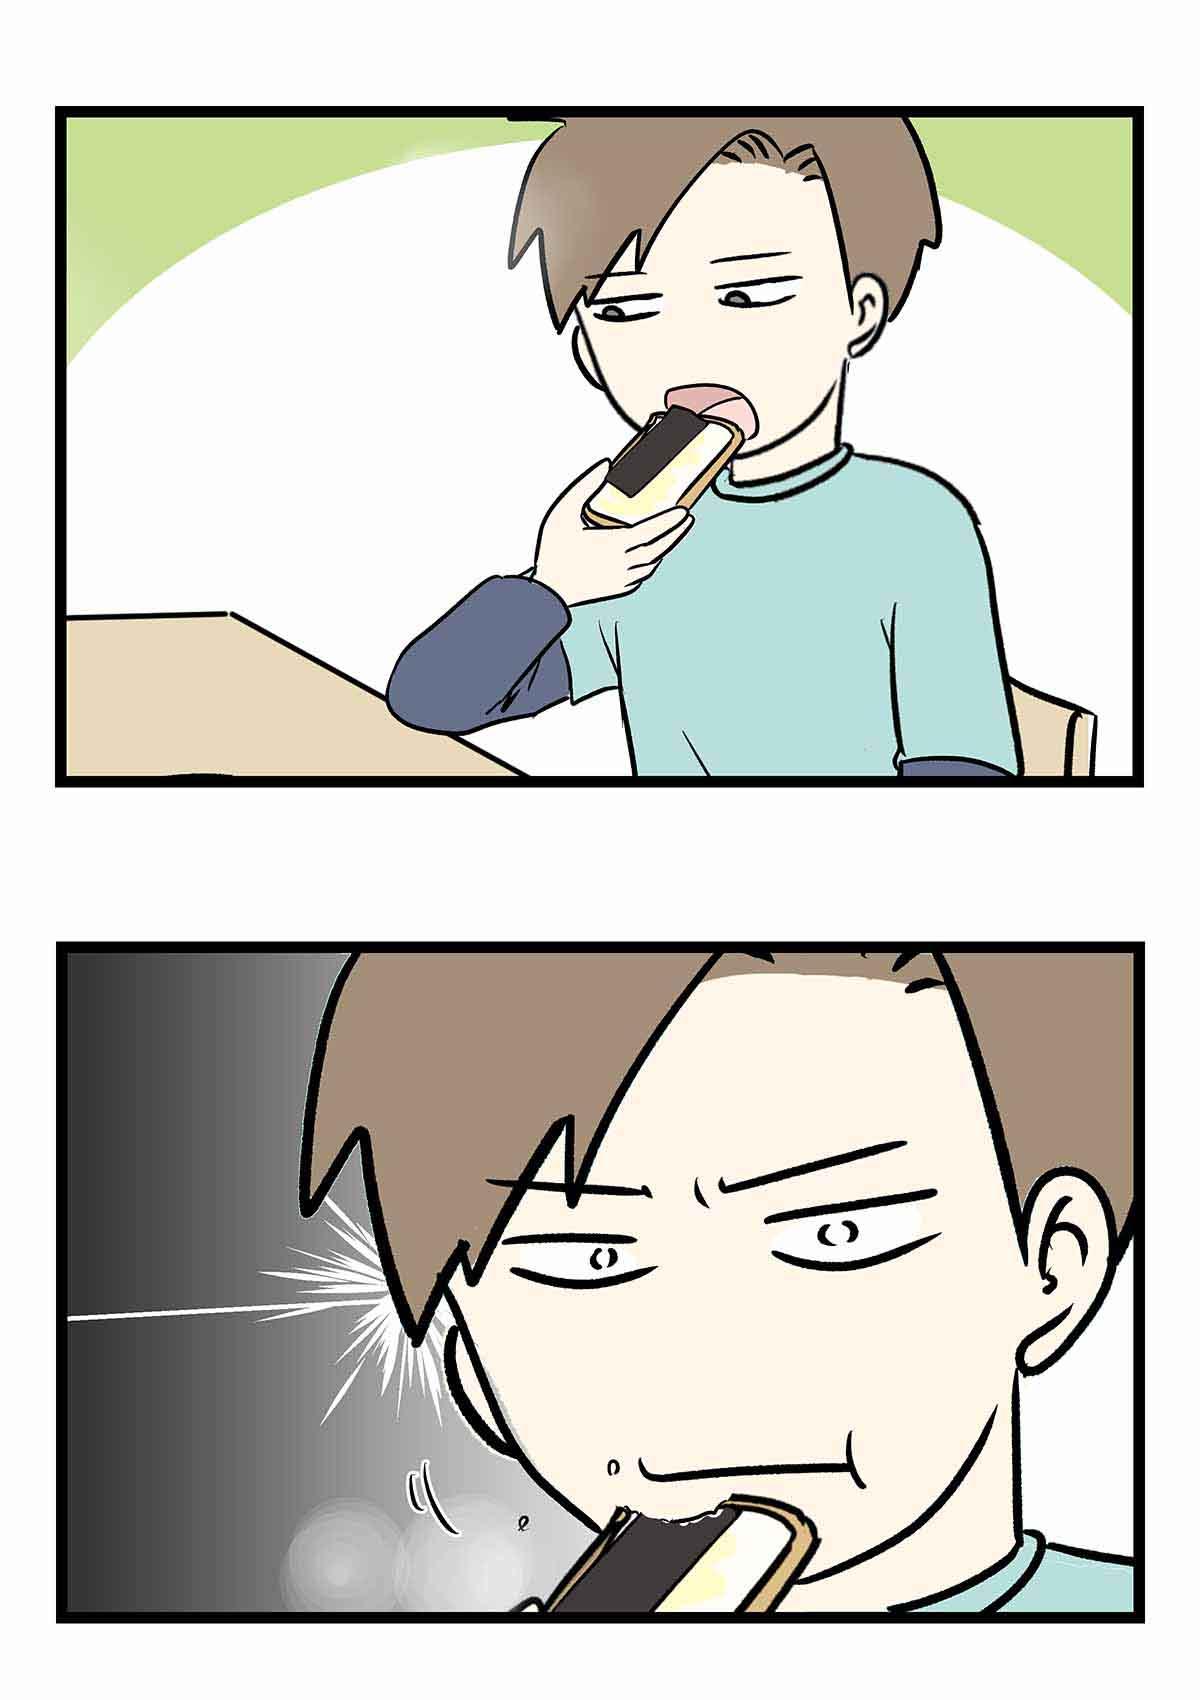 海苔バタートーストとか言う朝グルメの話